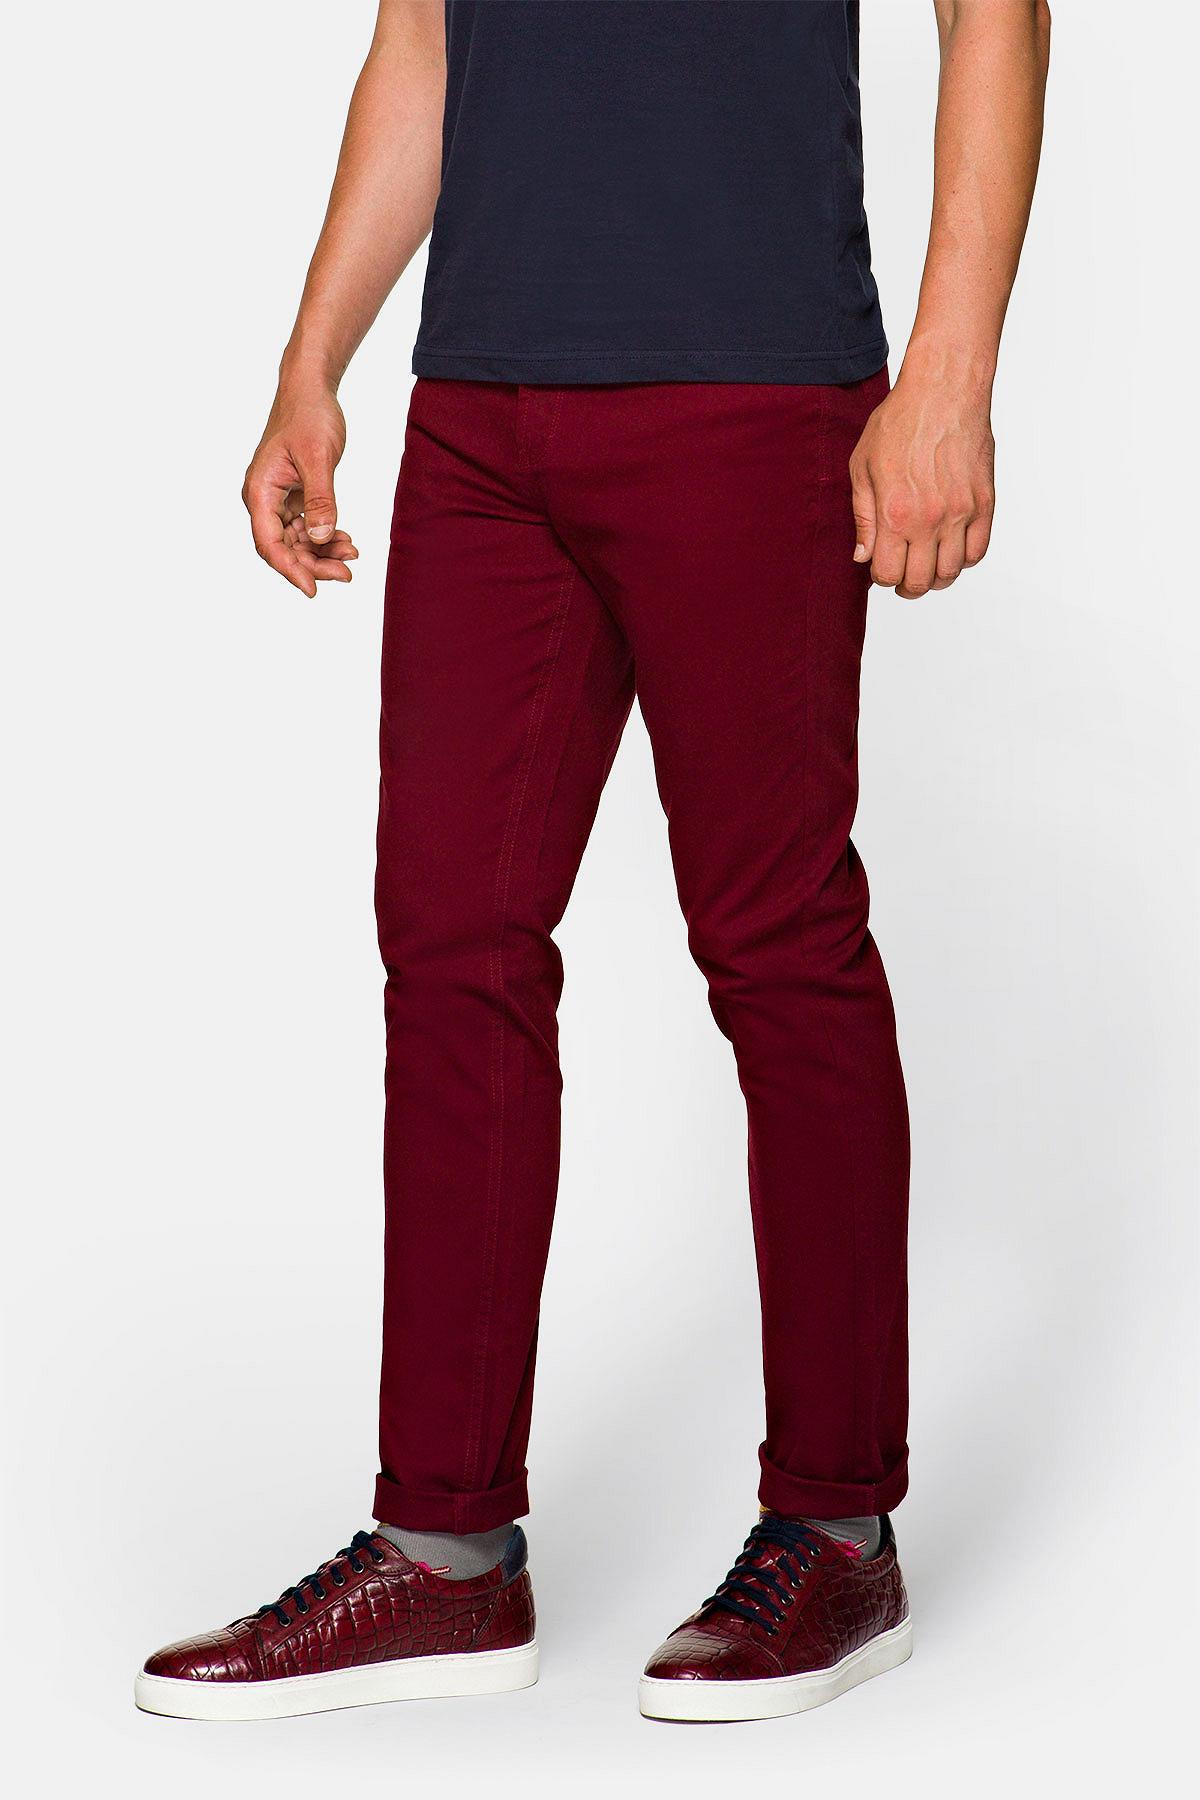 Spodnie Bordowe Nolan rozmiar W31/L32; W32/L32; W33/L32; W34/L32; W35/L32; W36/L32; W38/L32; W40/L32